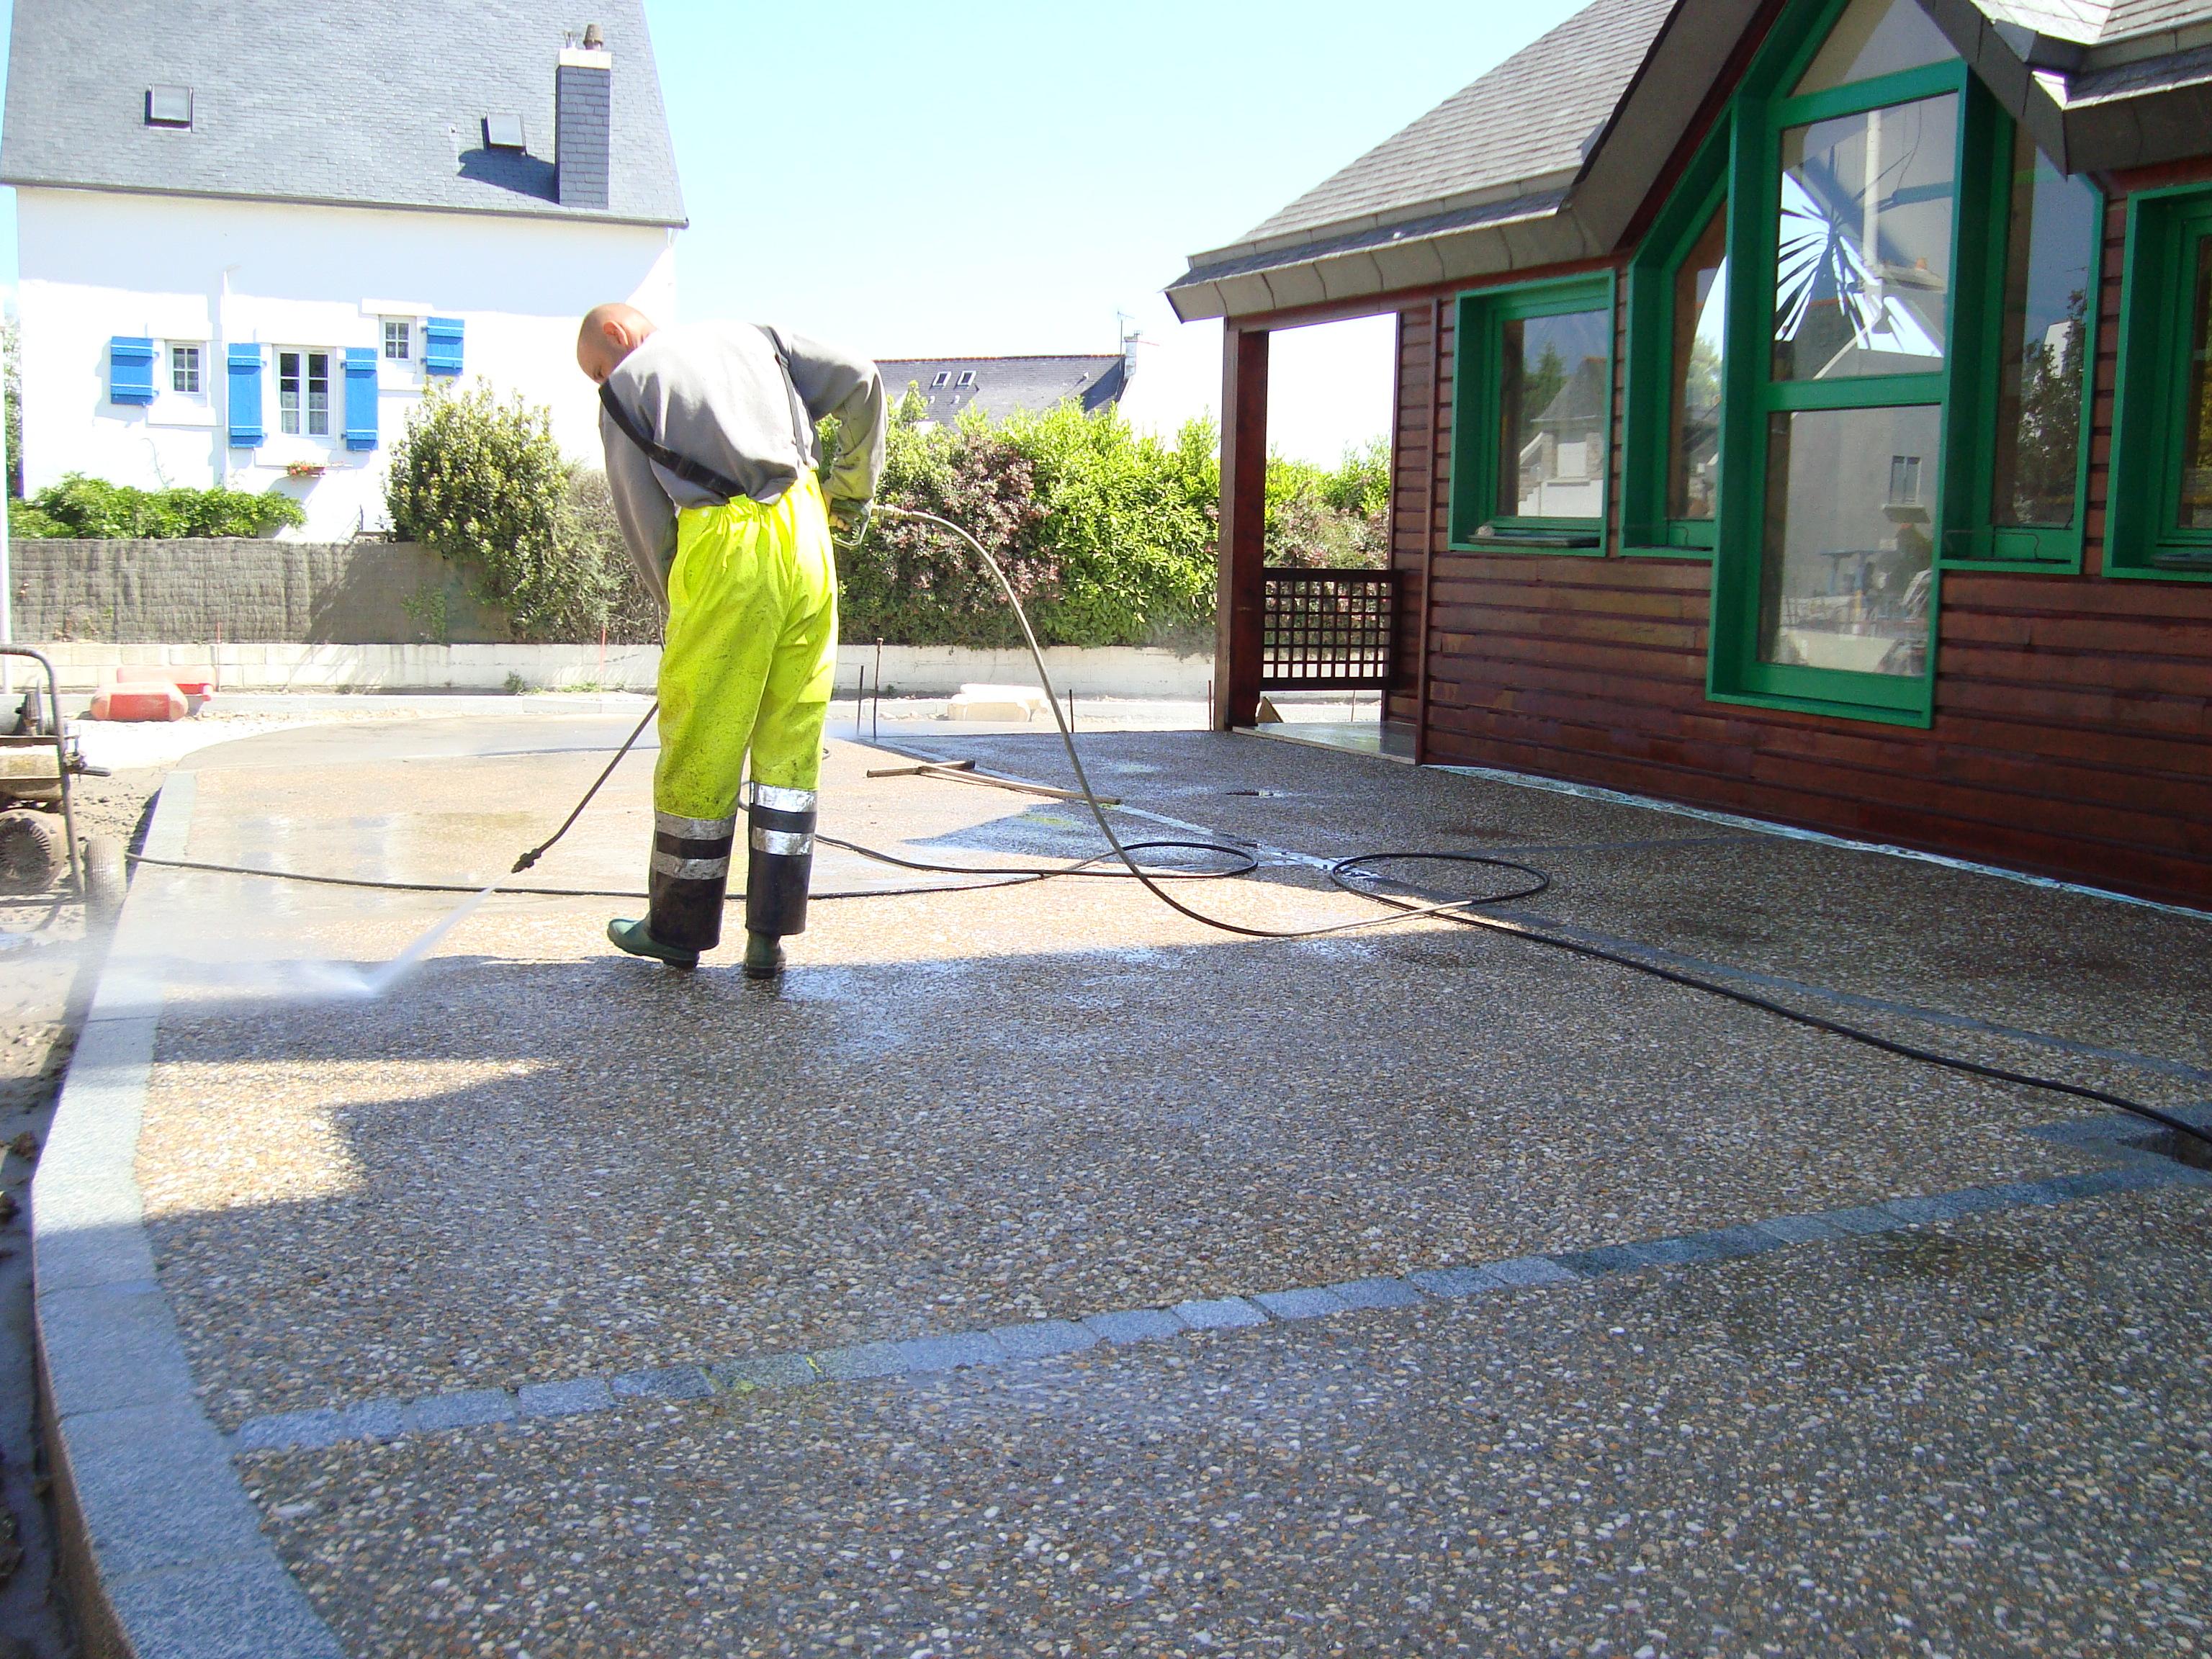 Le Roux TP - Travaux Publics - Aménagement urbain - Création de béton désactivé lavé - 9